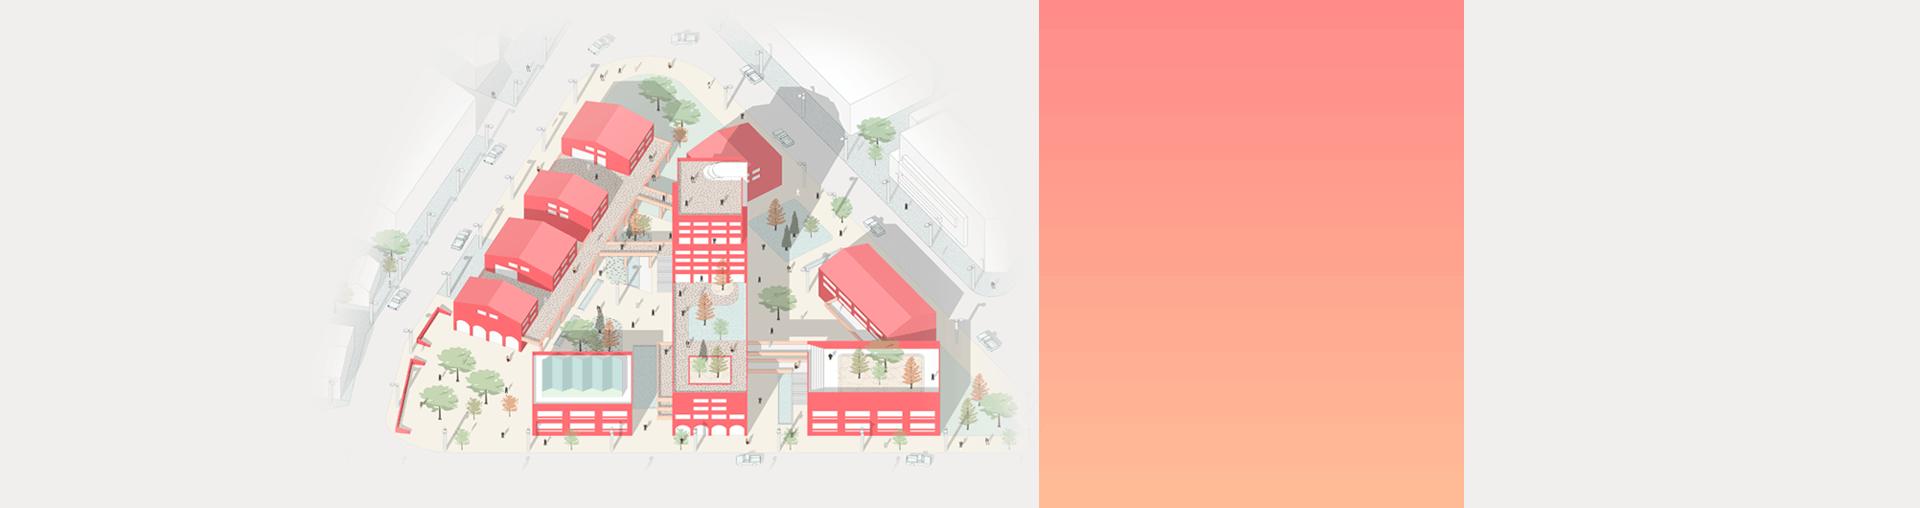 Illustrator建筑非写实表达应用基础课